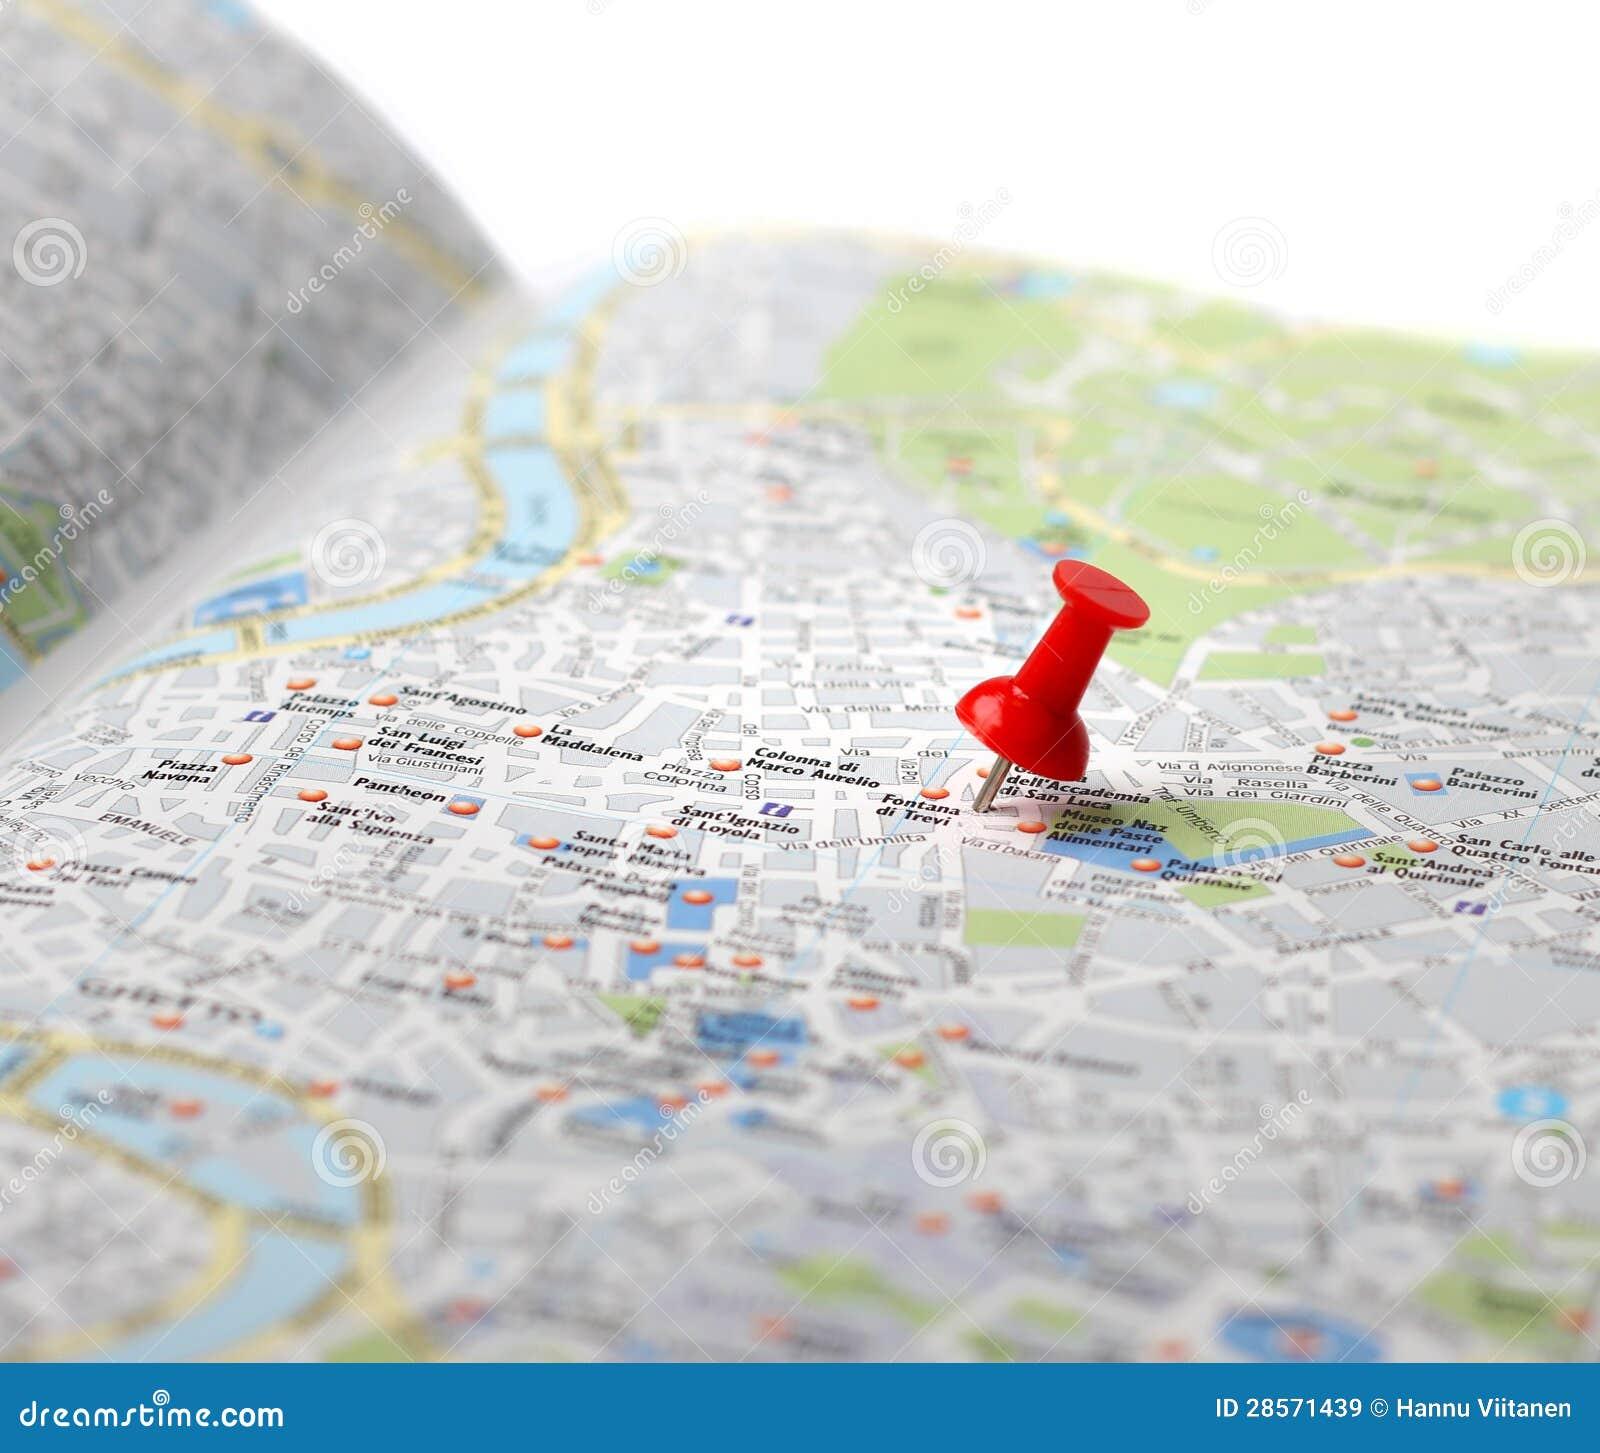 Resa destinationen kartlägger push klämmer fast